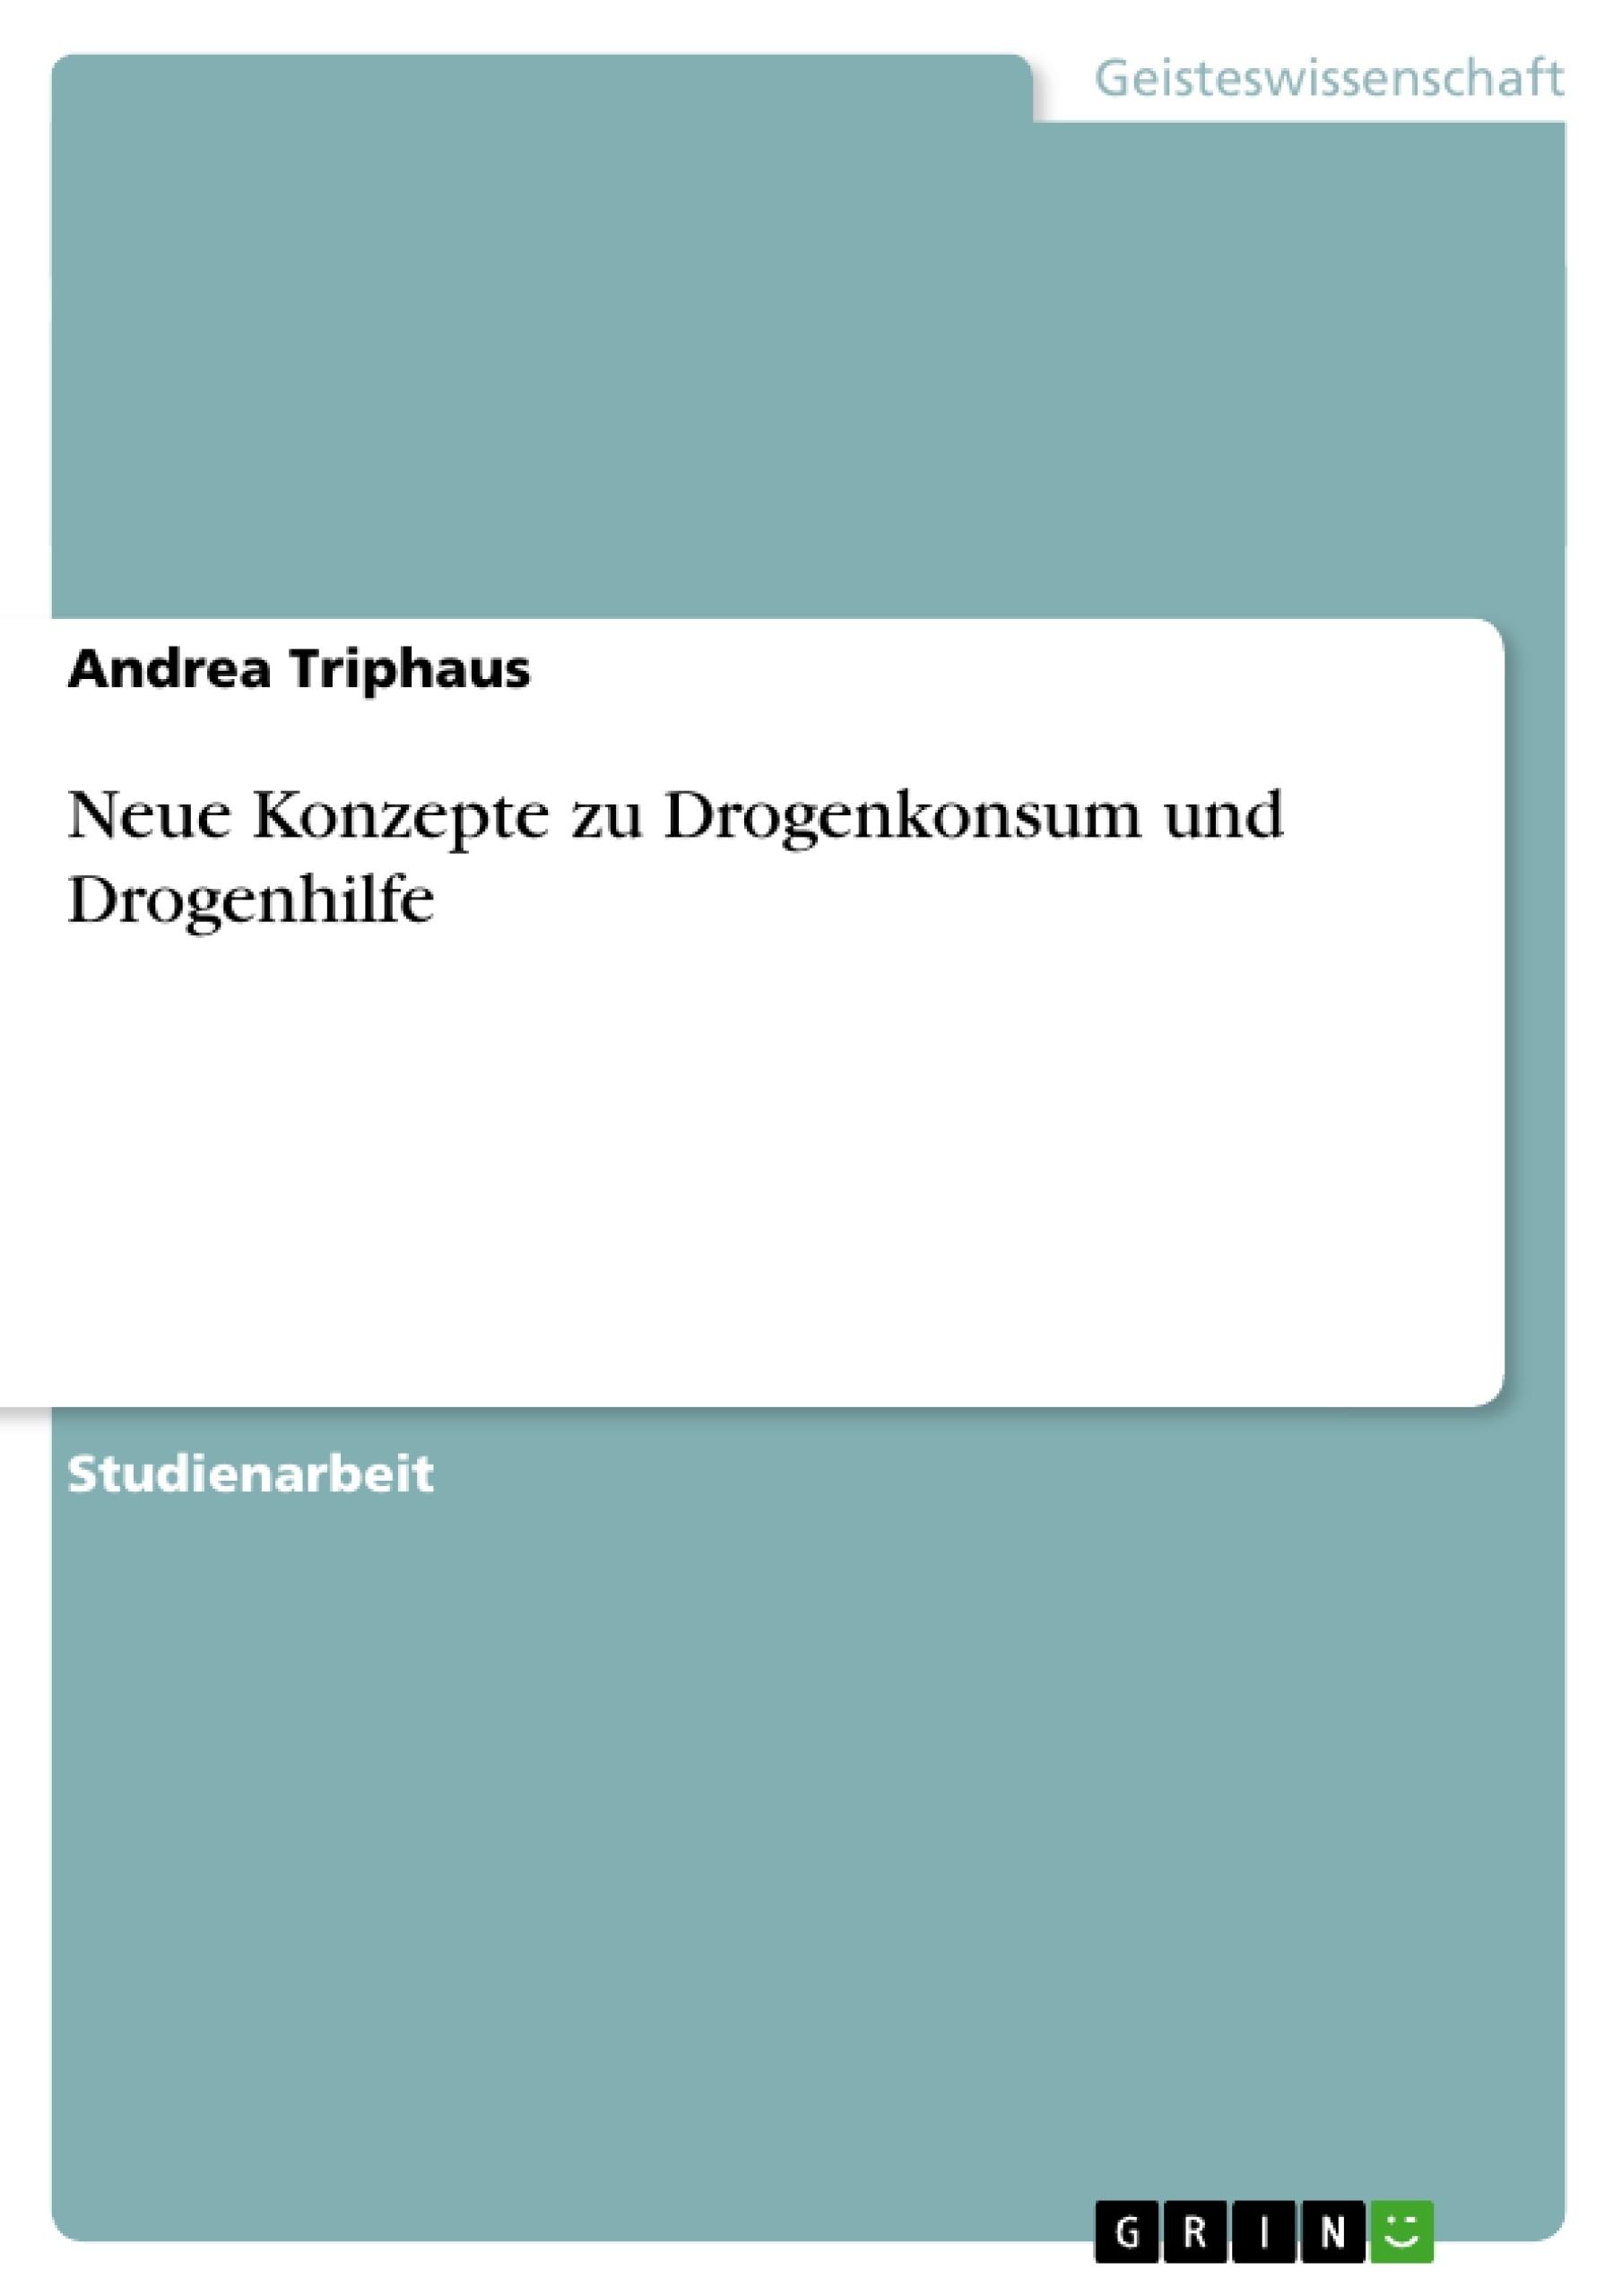 Titel: Neue Konzepte zu Drogenkonsum und Drogenhilfe